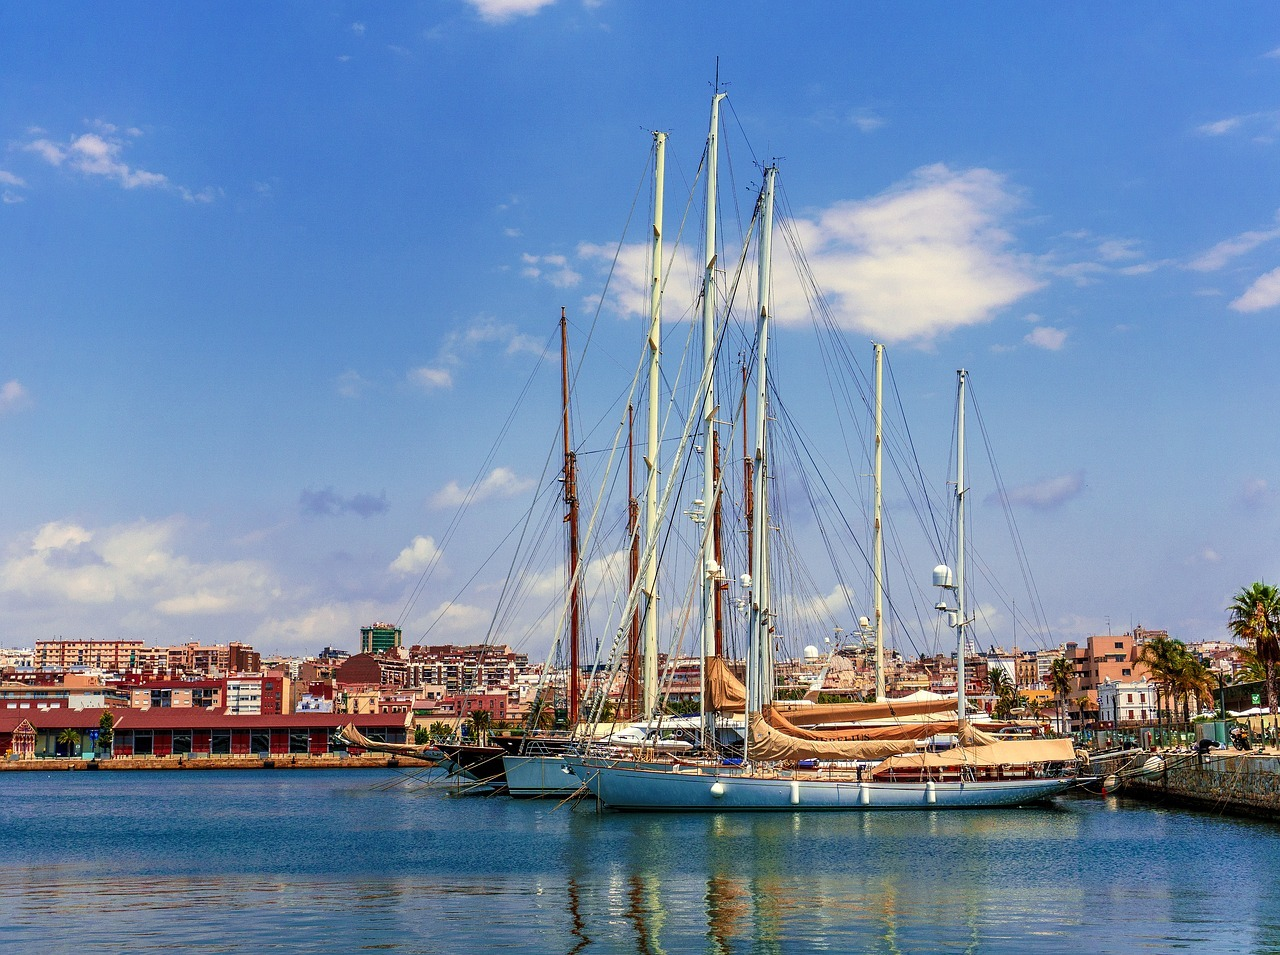 embarcaciones, puerto, mar